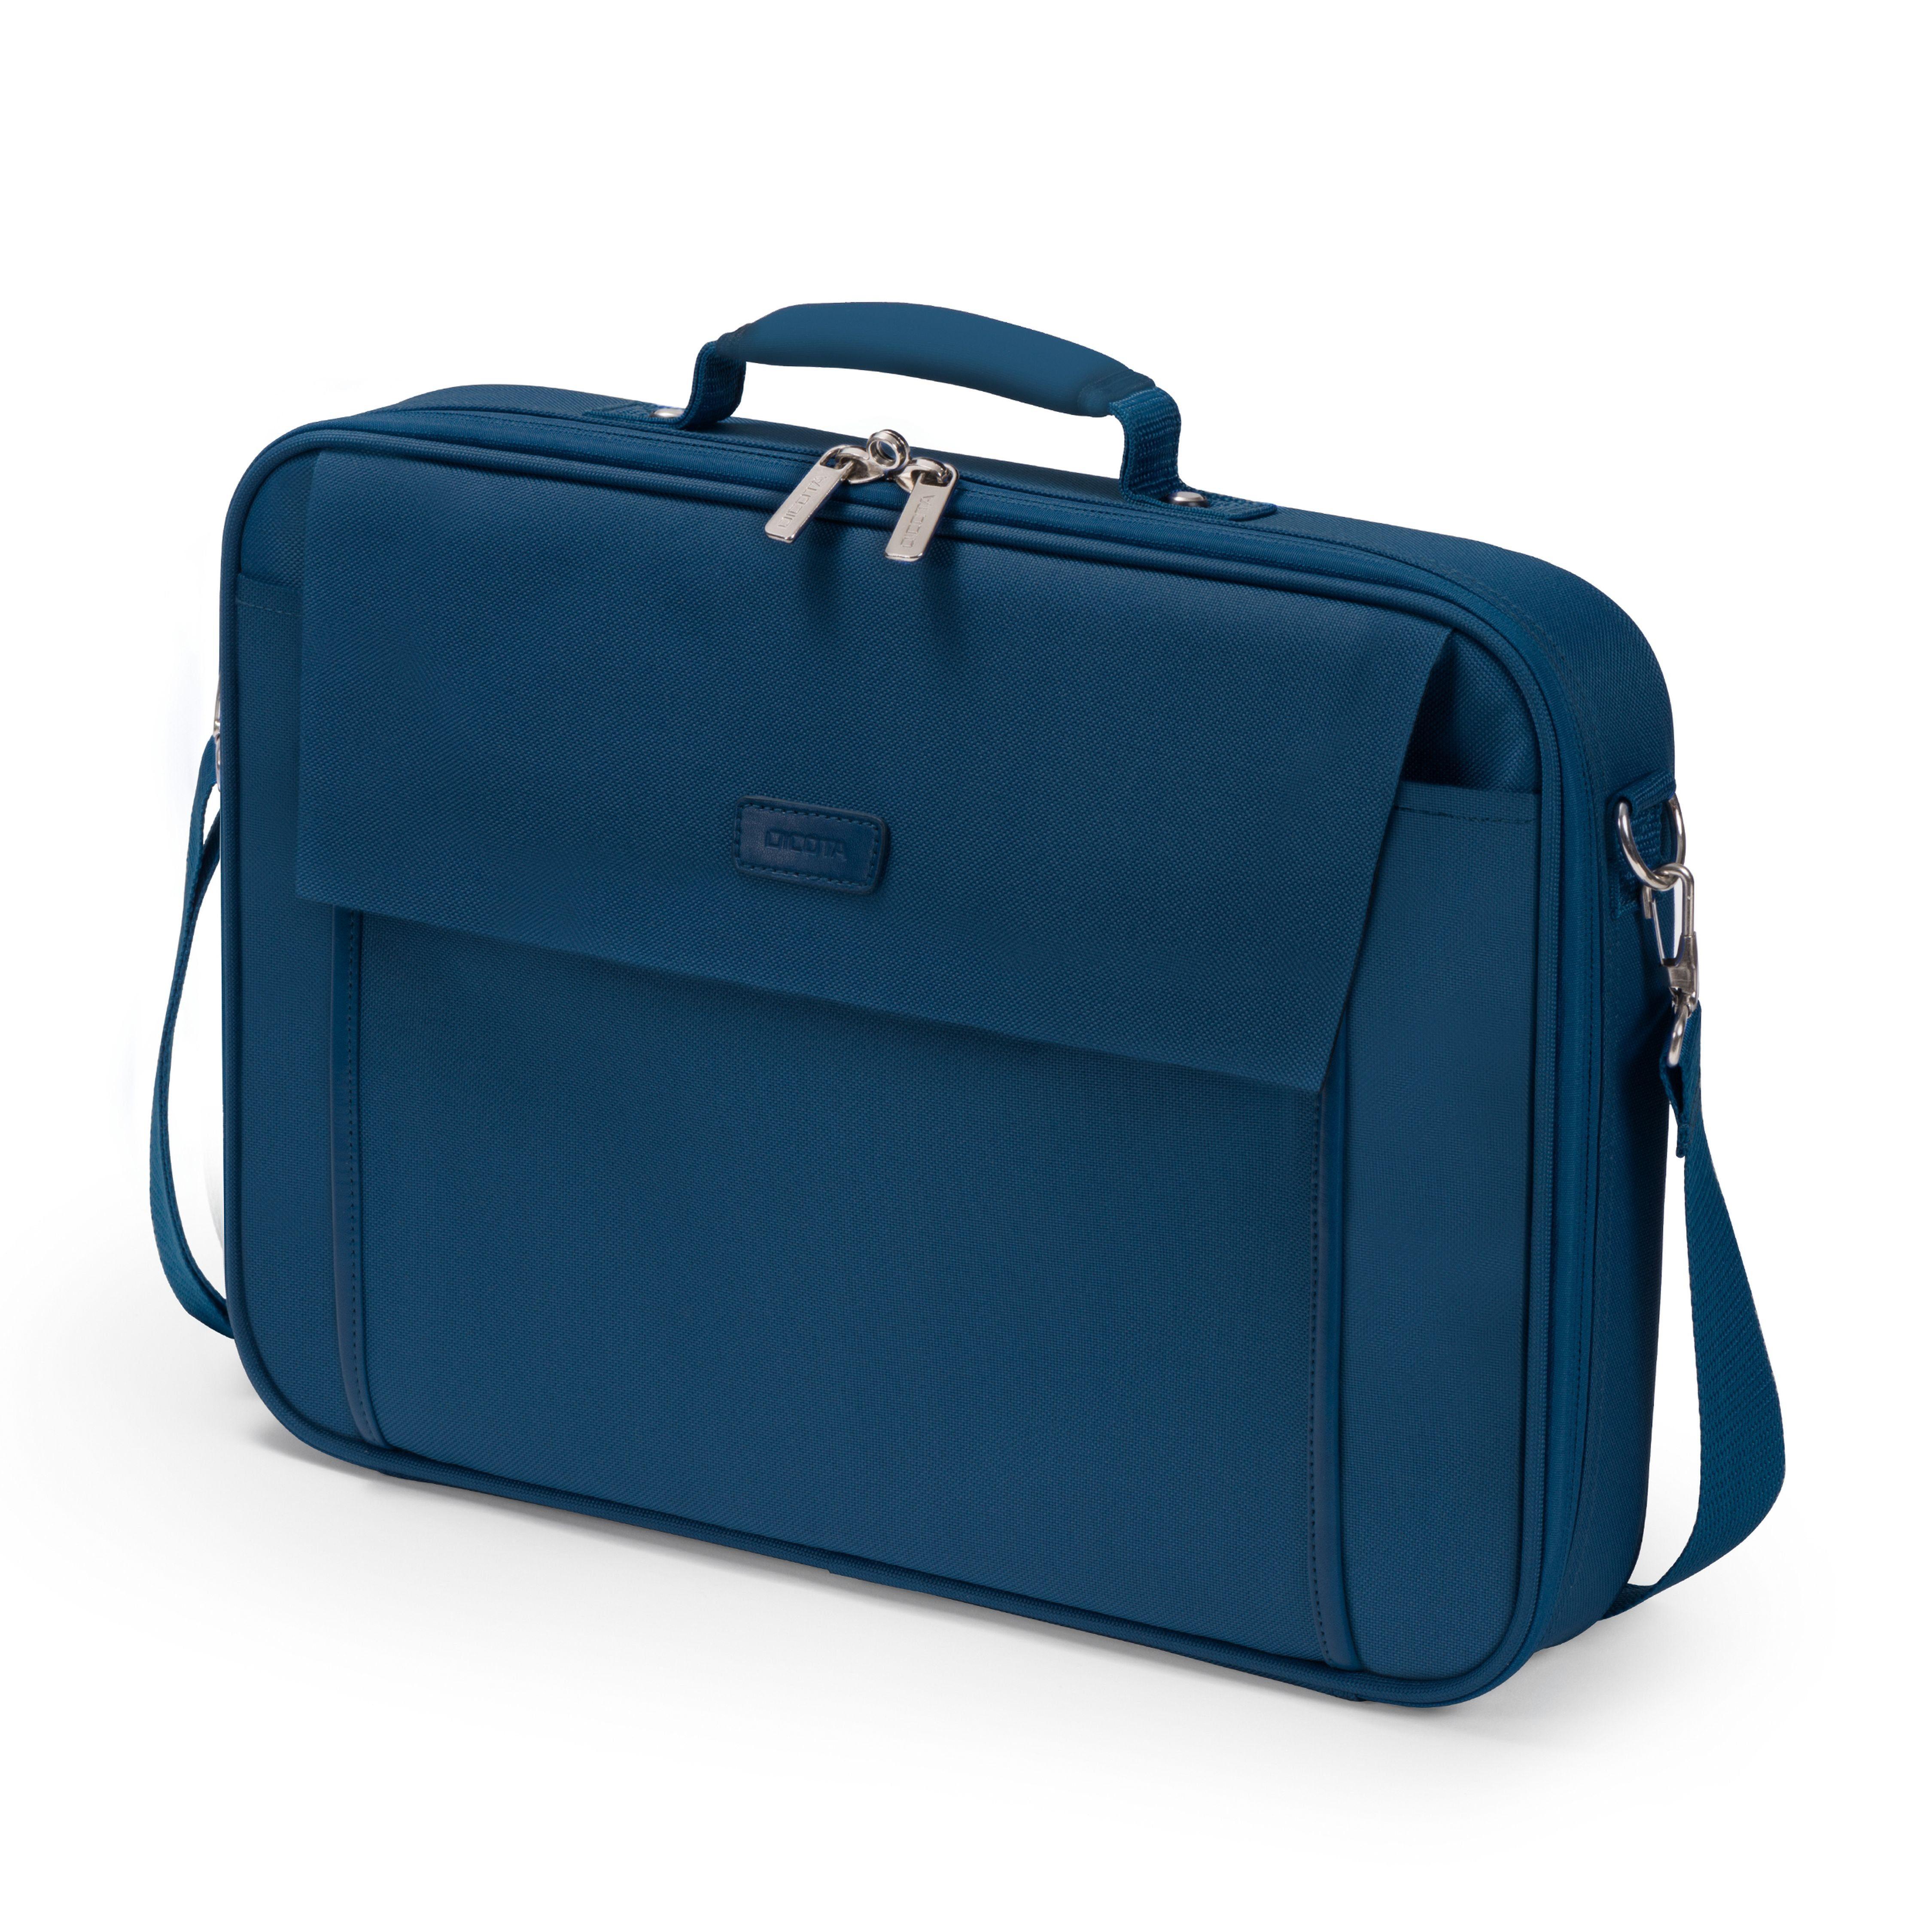 DICOTA Multi BASE 14-15.6 Blue (D30919) »Clamshell-Tasche«